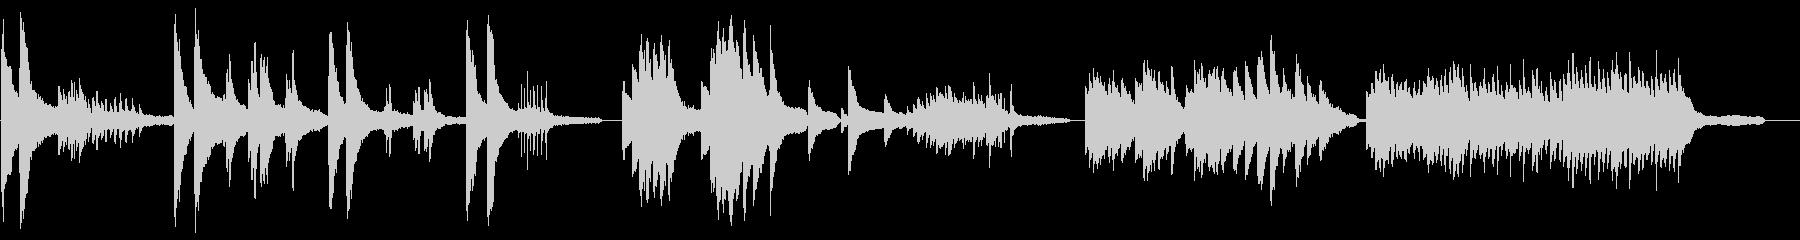 ドキュメンタリー風のピアノインストの未再生の波形